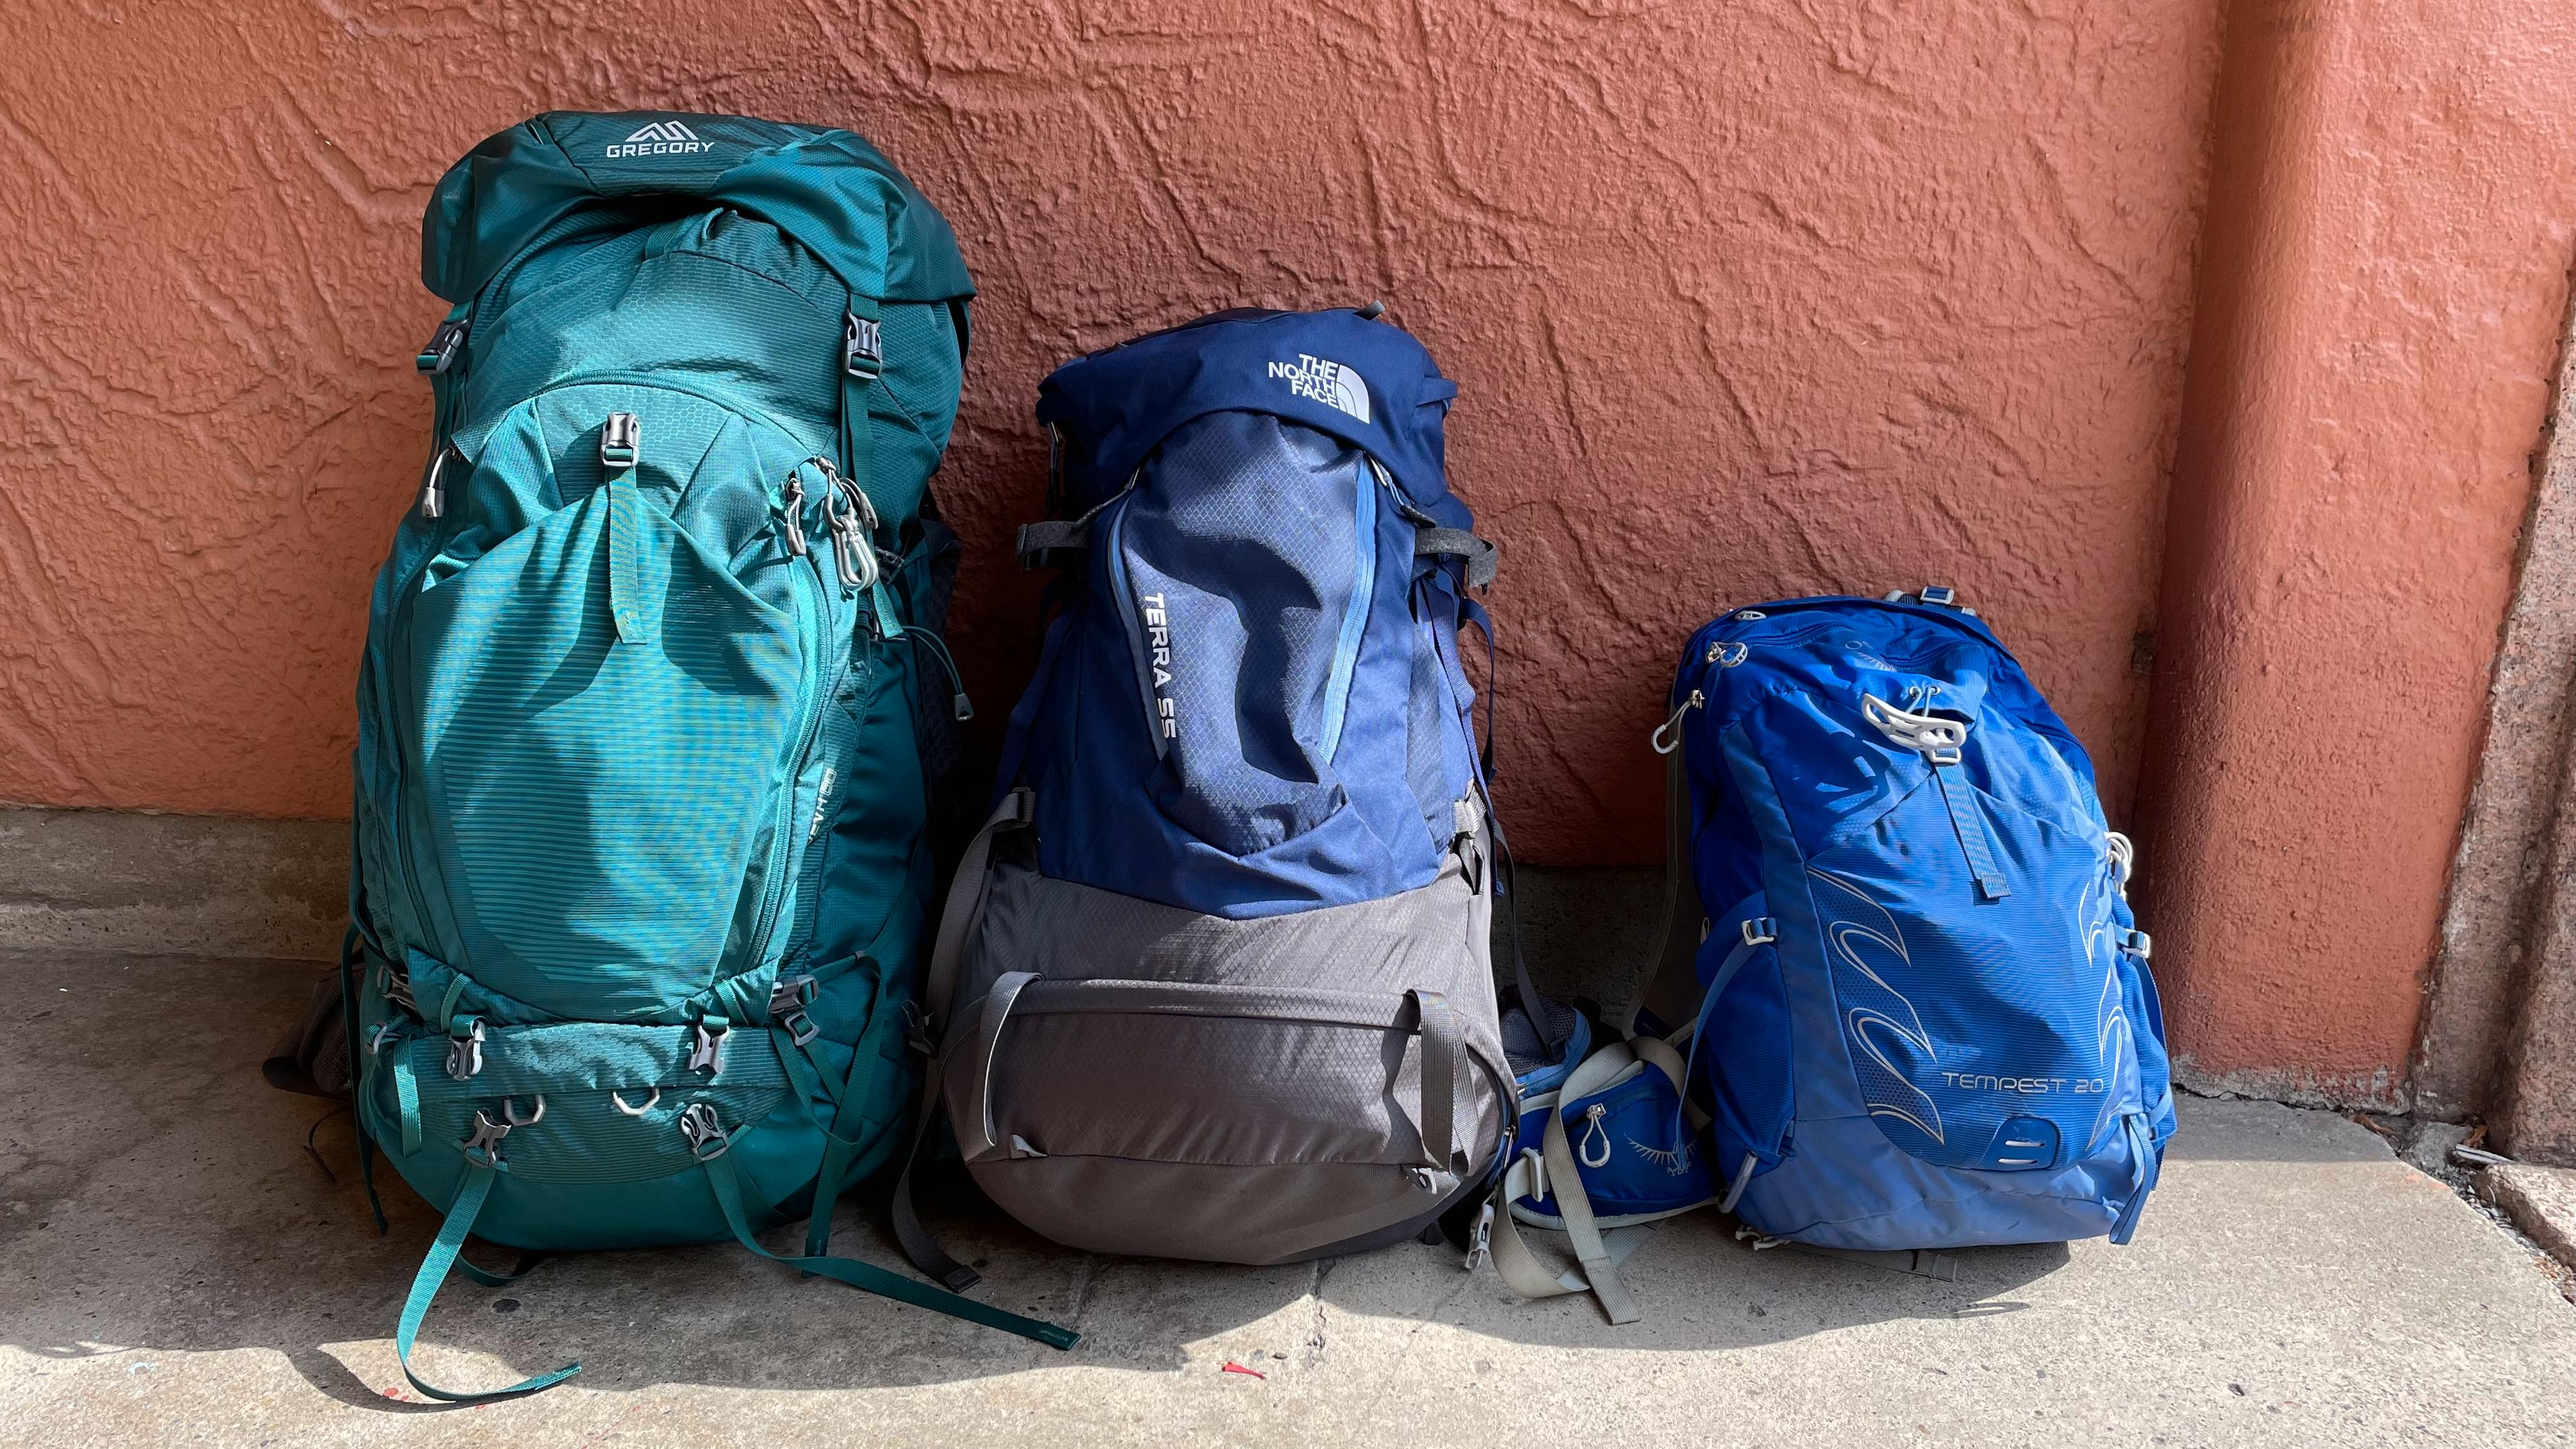 Tre ulike sekk- og ryggstørrelser. Fra venstre: Ryggstørrelse XS (dame) og 80 liter; Ryggstørrelse M/L (unisex) og 55 liter; Størrelse WS/WM (dame) og 20 liter.